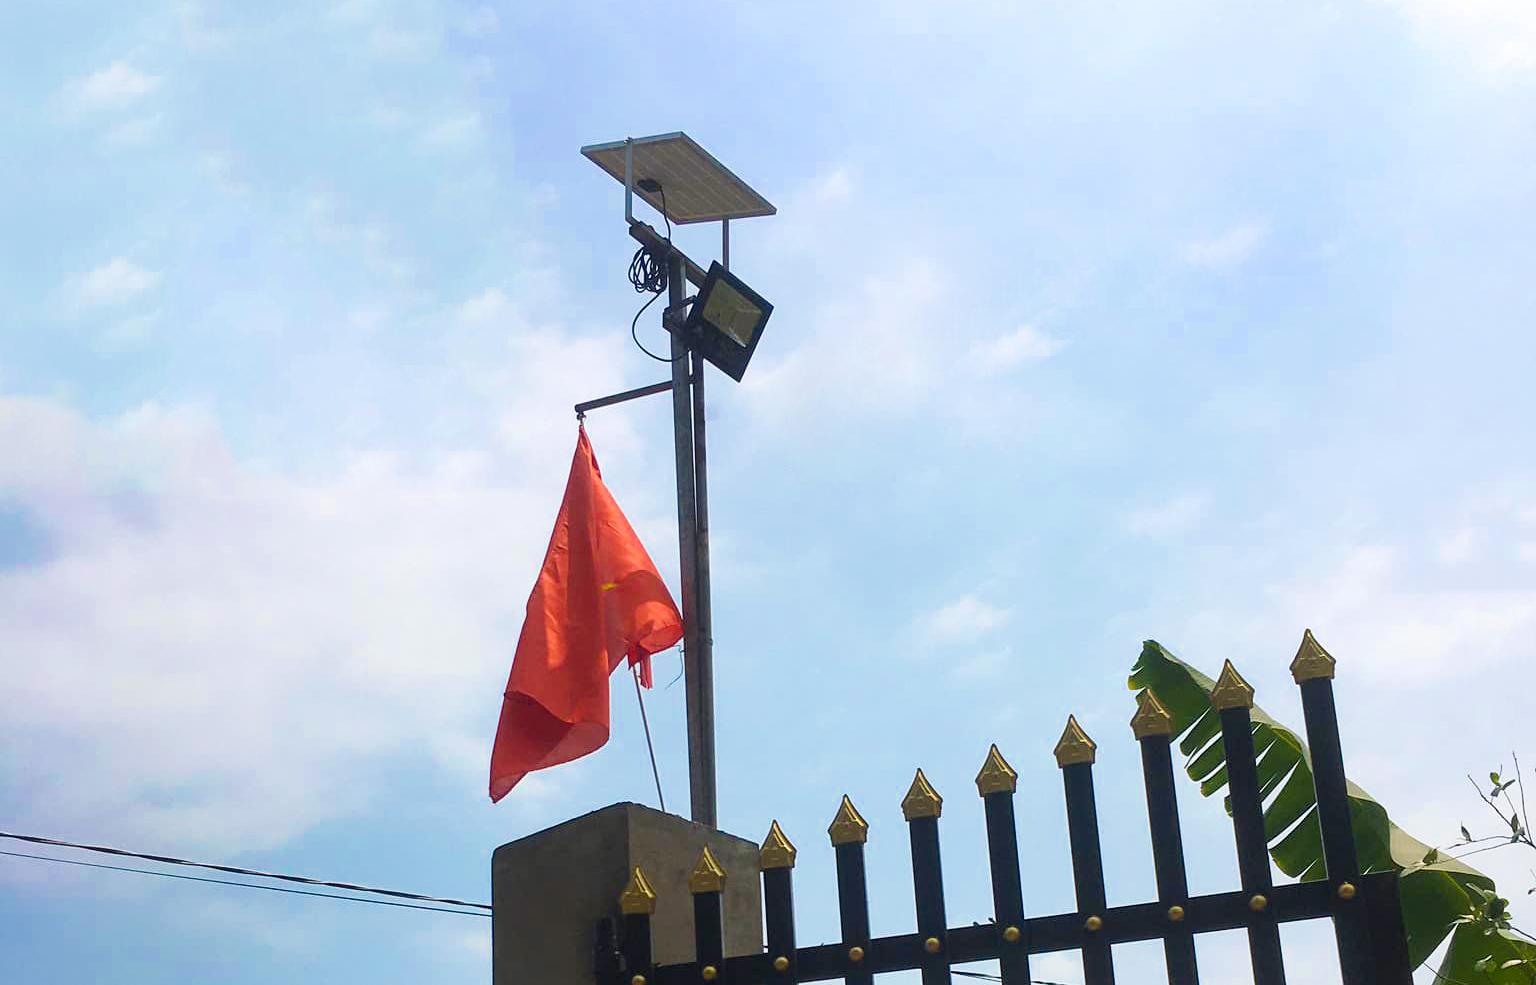 Một hộ dân dùng đèn năng lượng mặt trời để chiếu sáng. Ảnh: Hữu Bình.